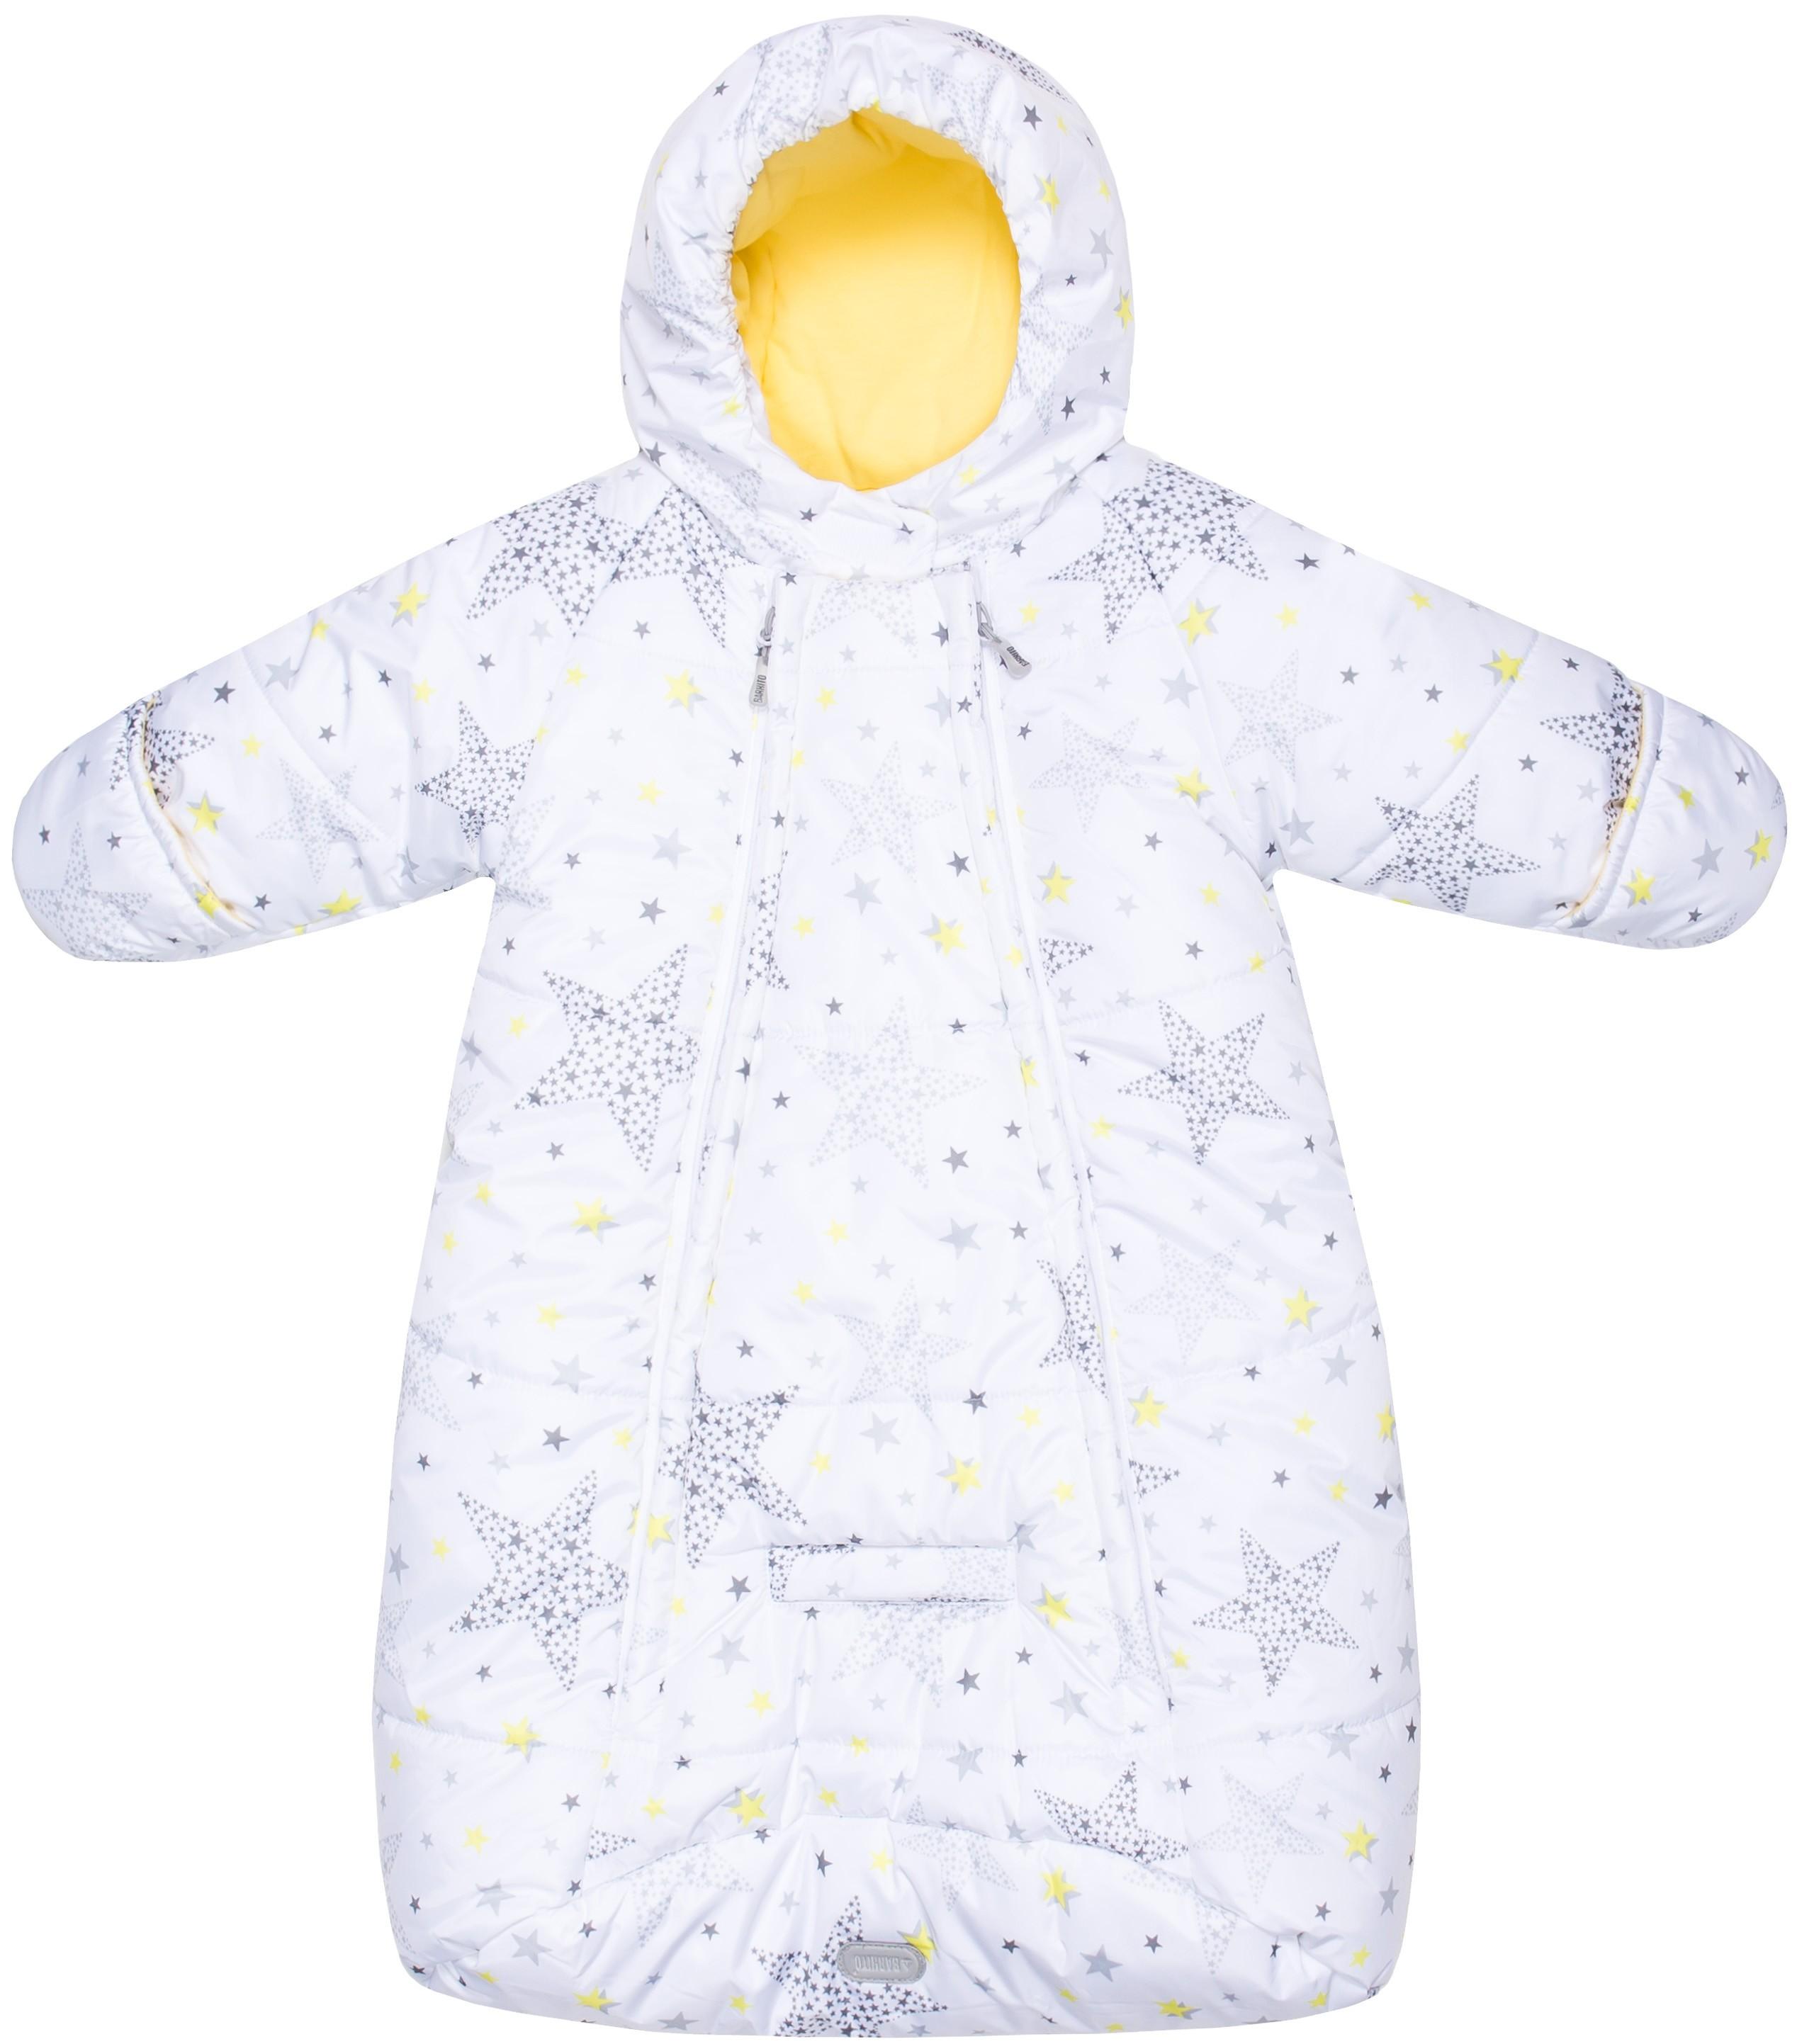 Конверты и спальные мешки Barkito Конверт детский Barkito, белый с рисунком «звёзды» конверт детский womar womar конверт в коляску зимний multi arctic цветки черно белые